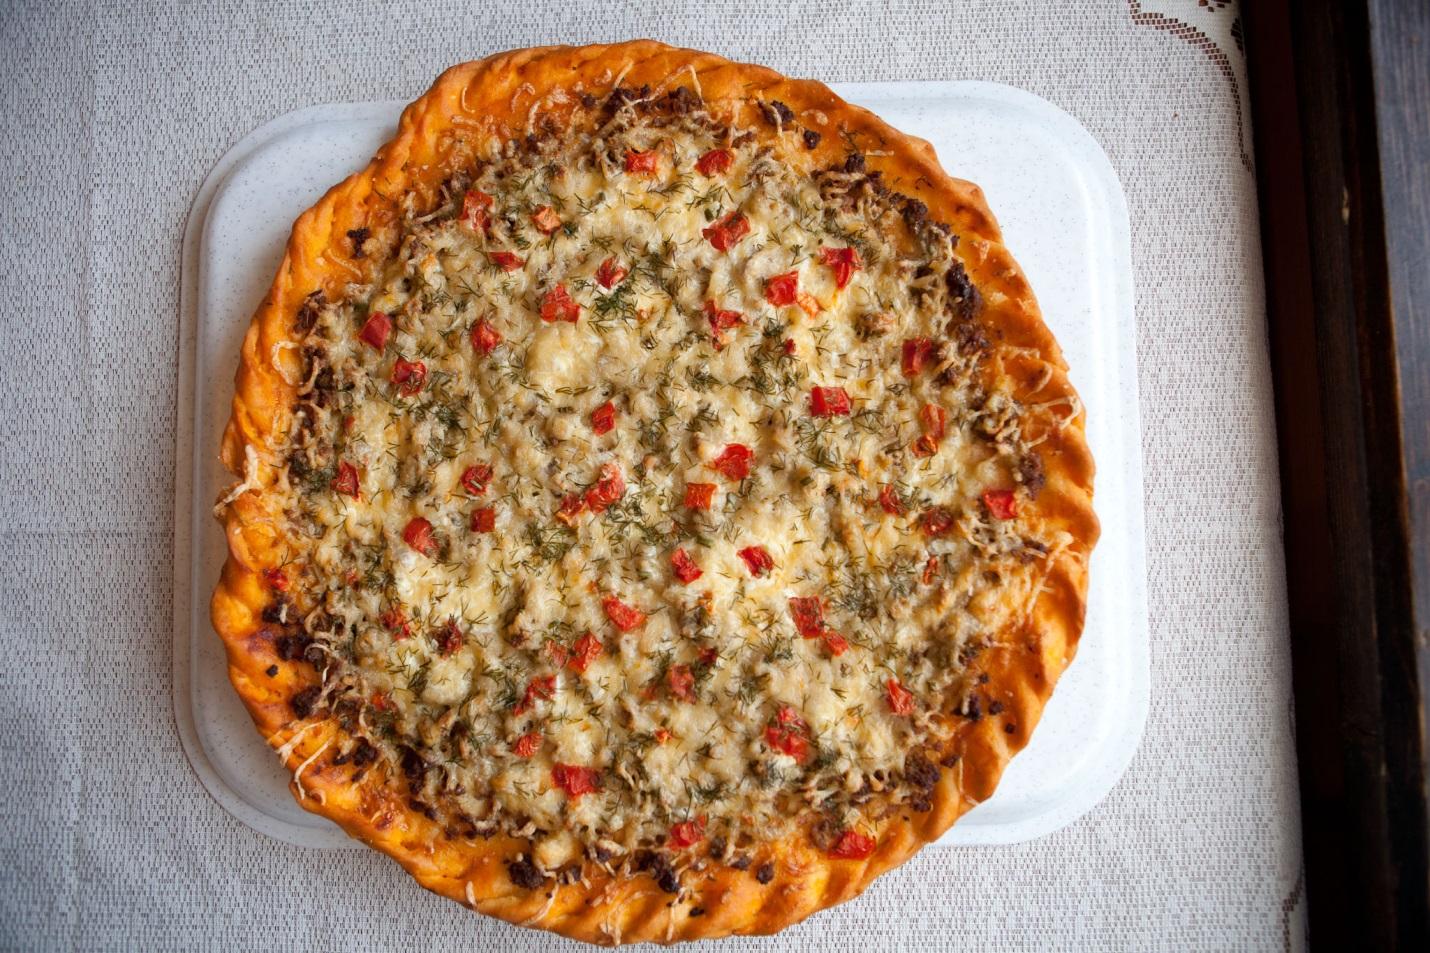 Как приготовить пиццу с фаршем в домашних условиях фото